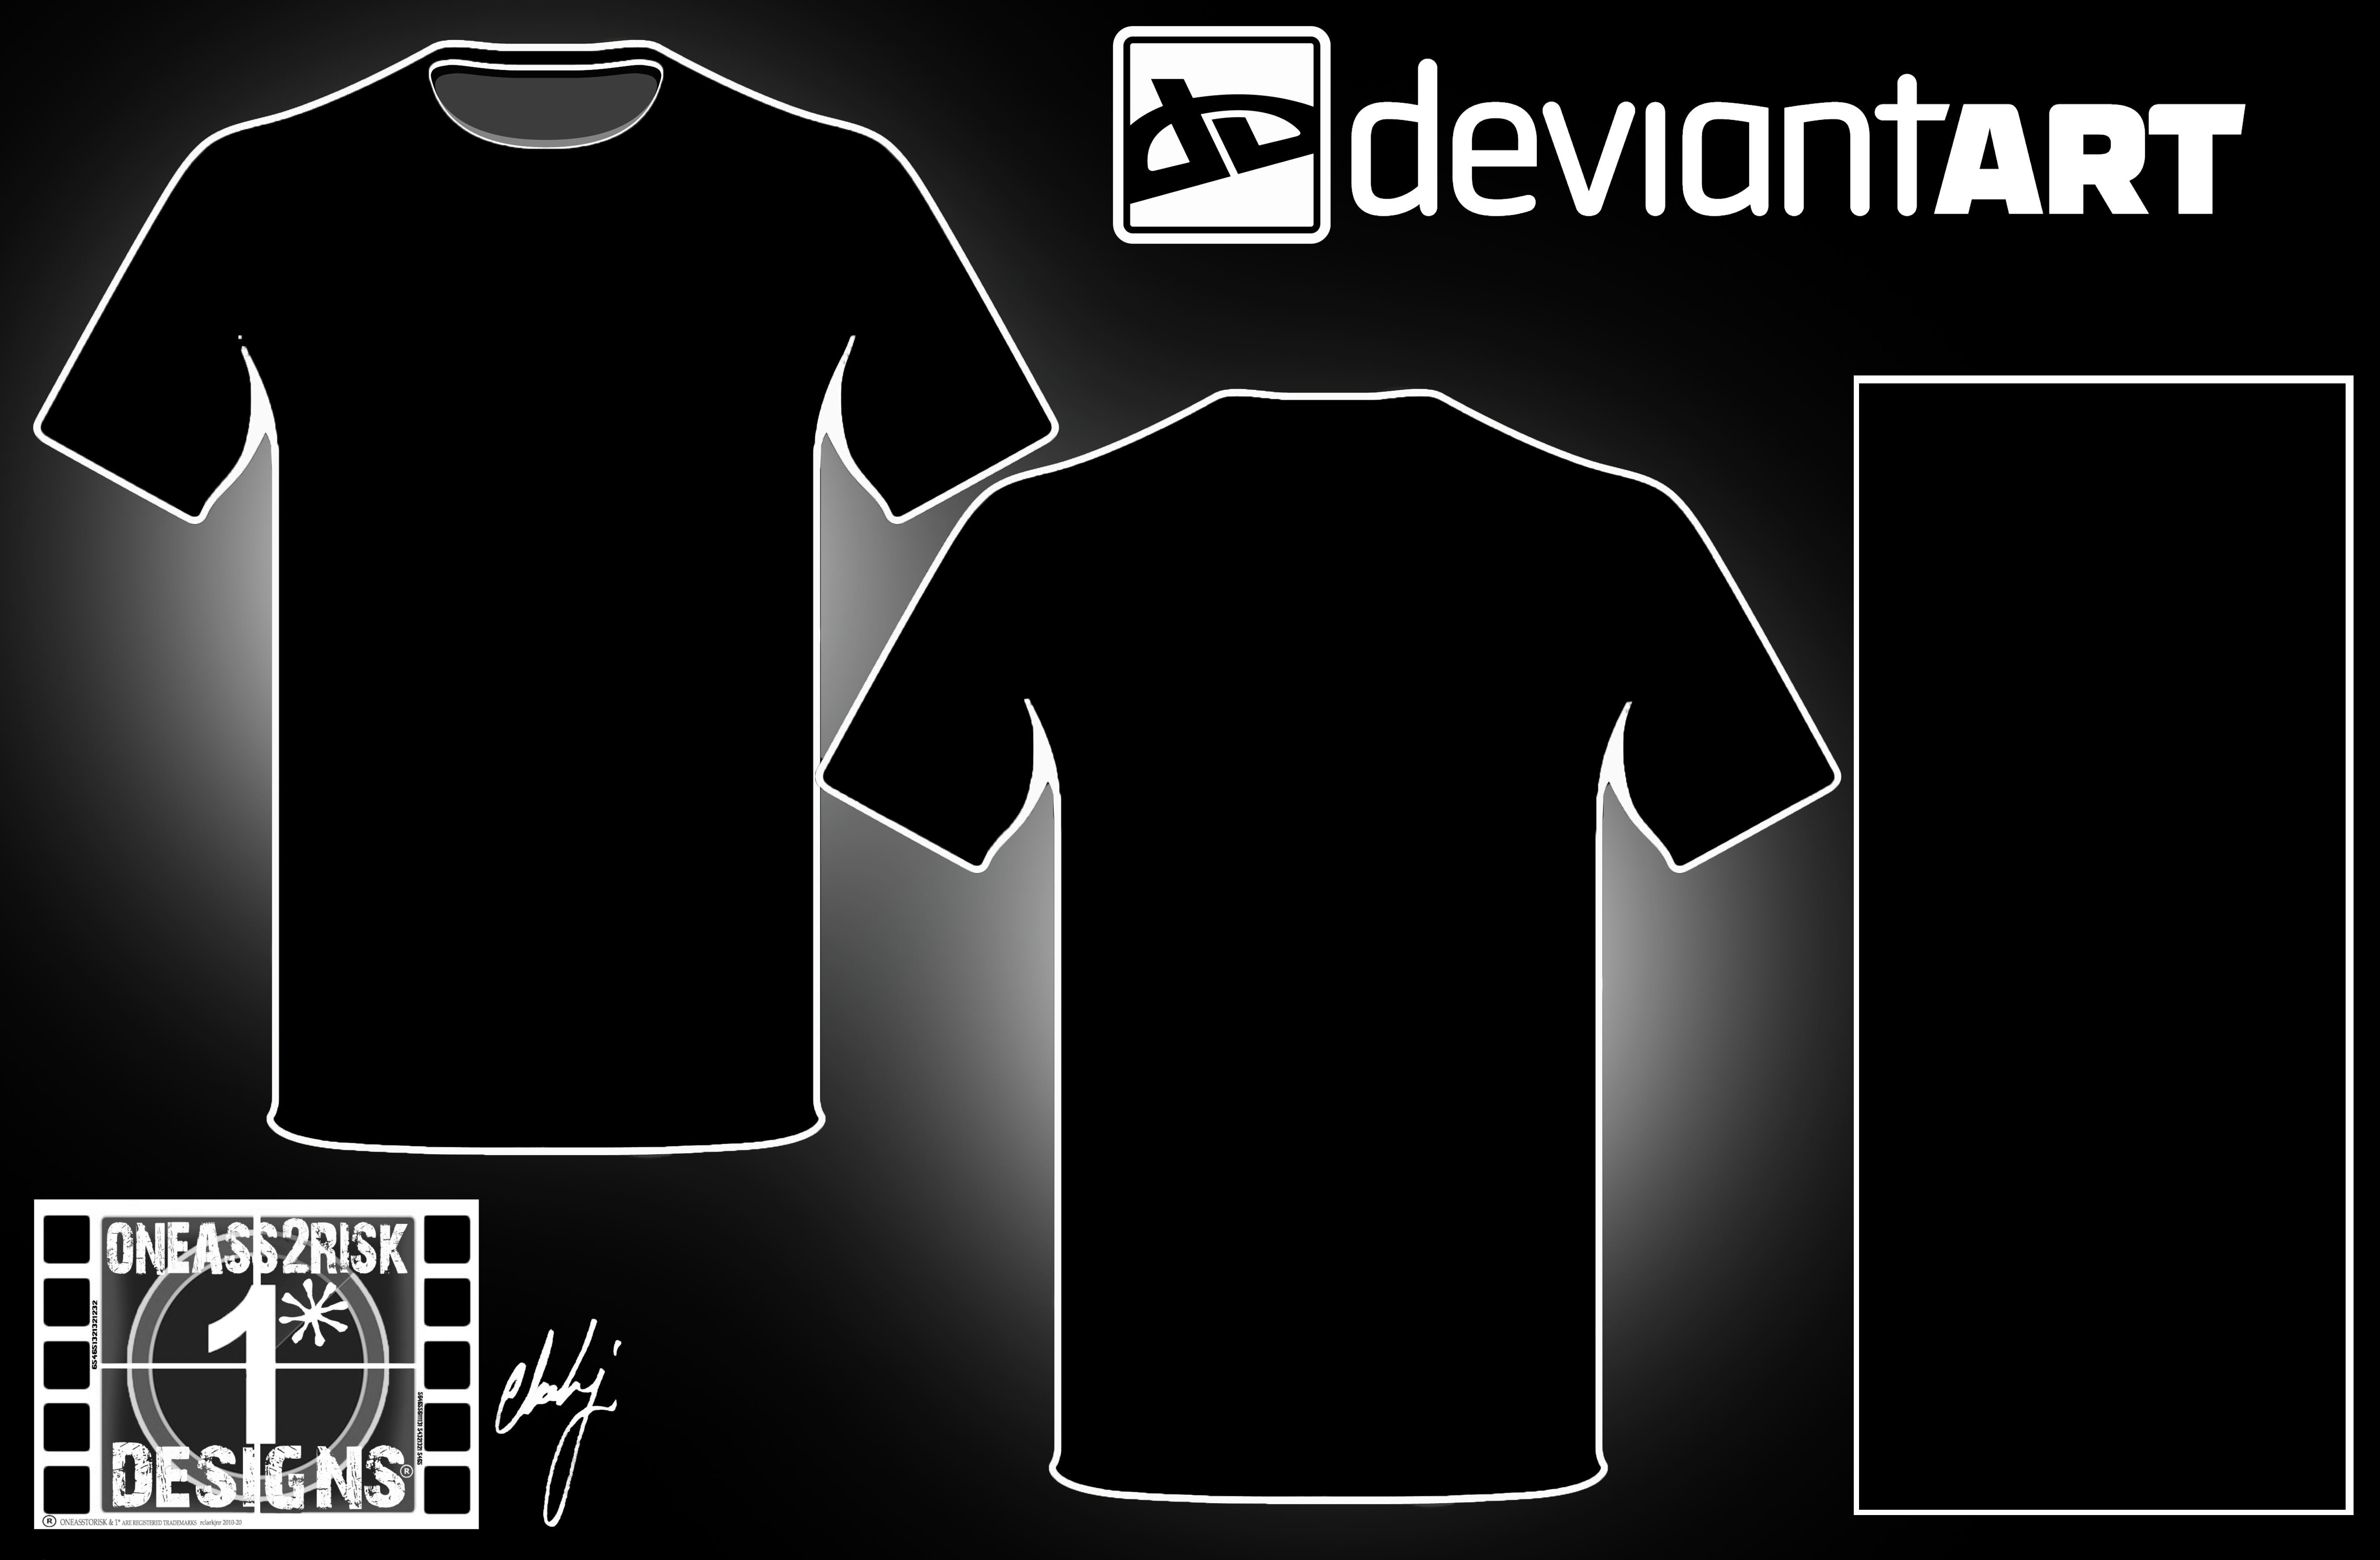 Black t shirt template psd - Da Blank Shirt Template I By Rclarkjnr